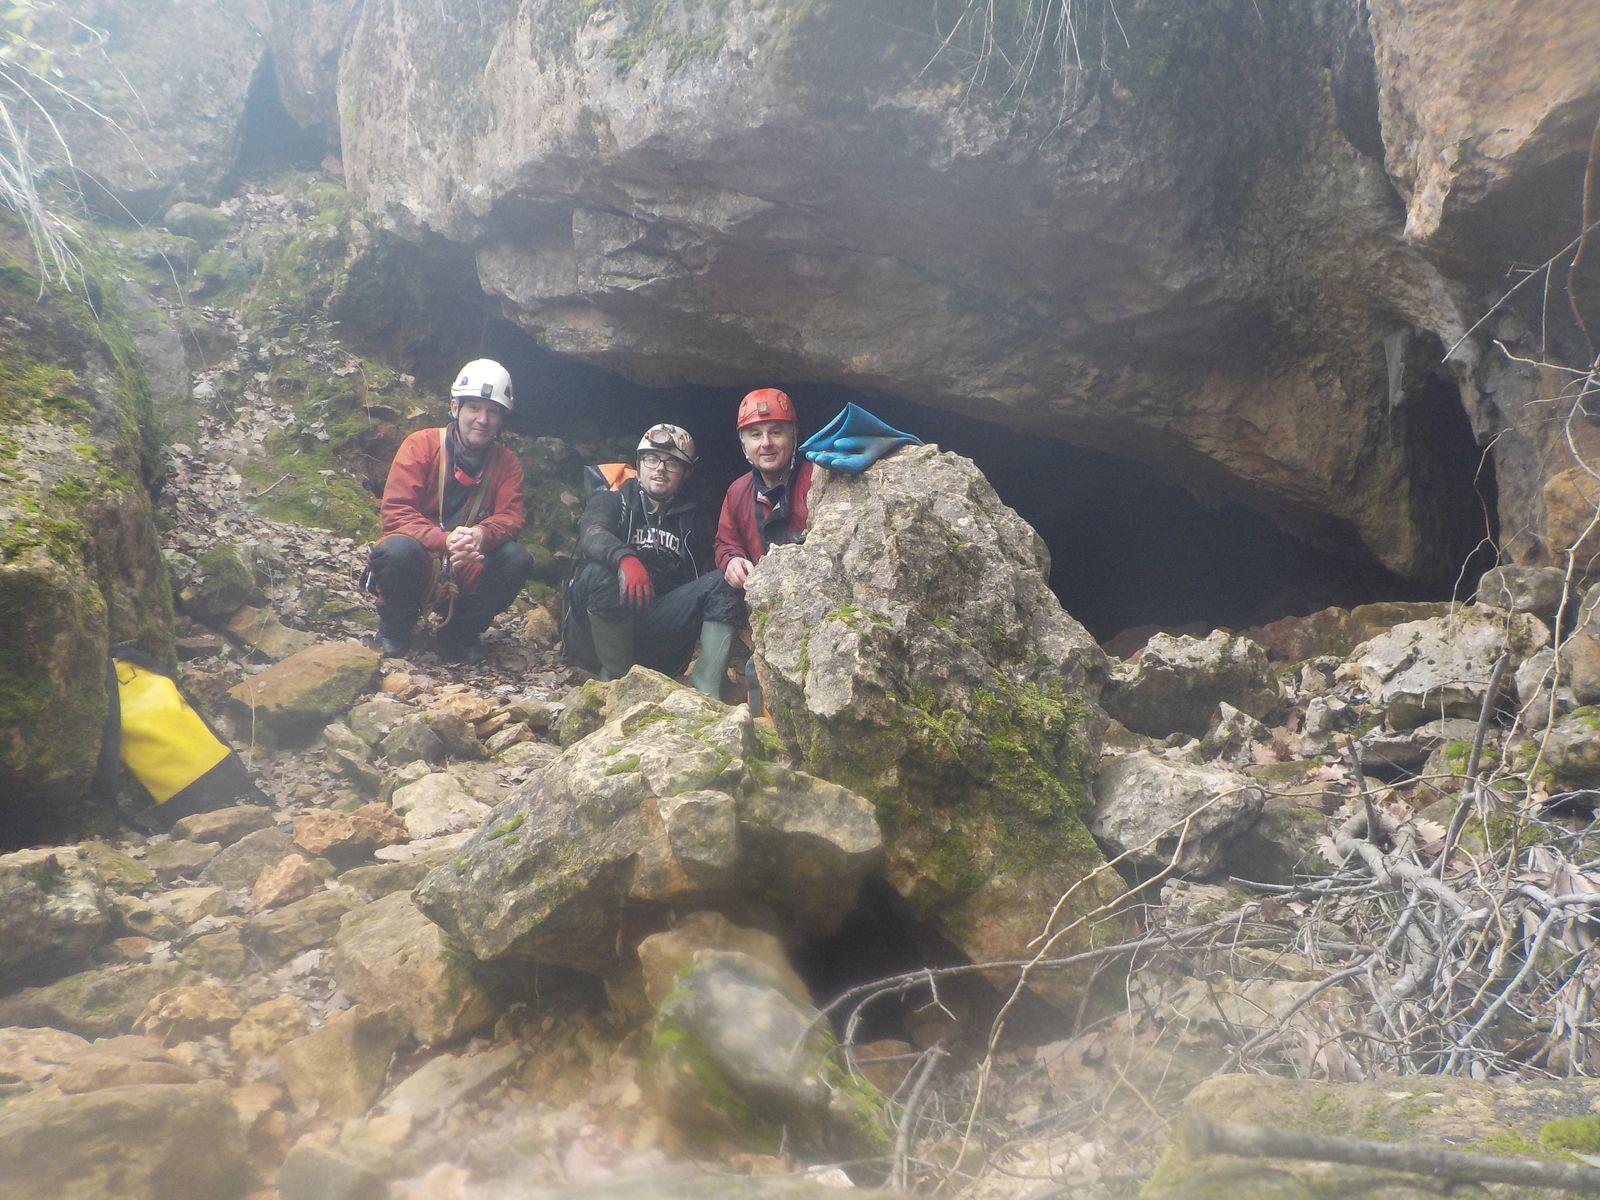 Une belle petite explo  ! Le Ragaïe de Néoules reste une valeur sûre pour faire découvrir le monde souterrain  (dédé)